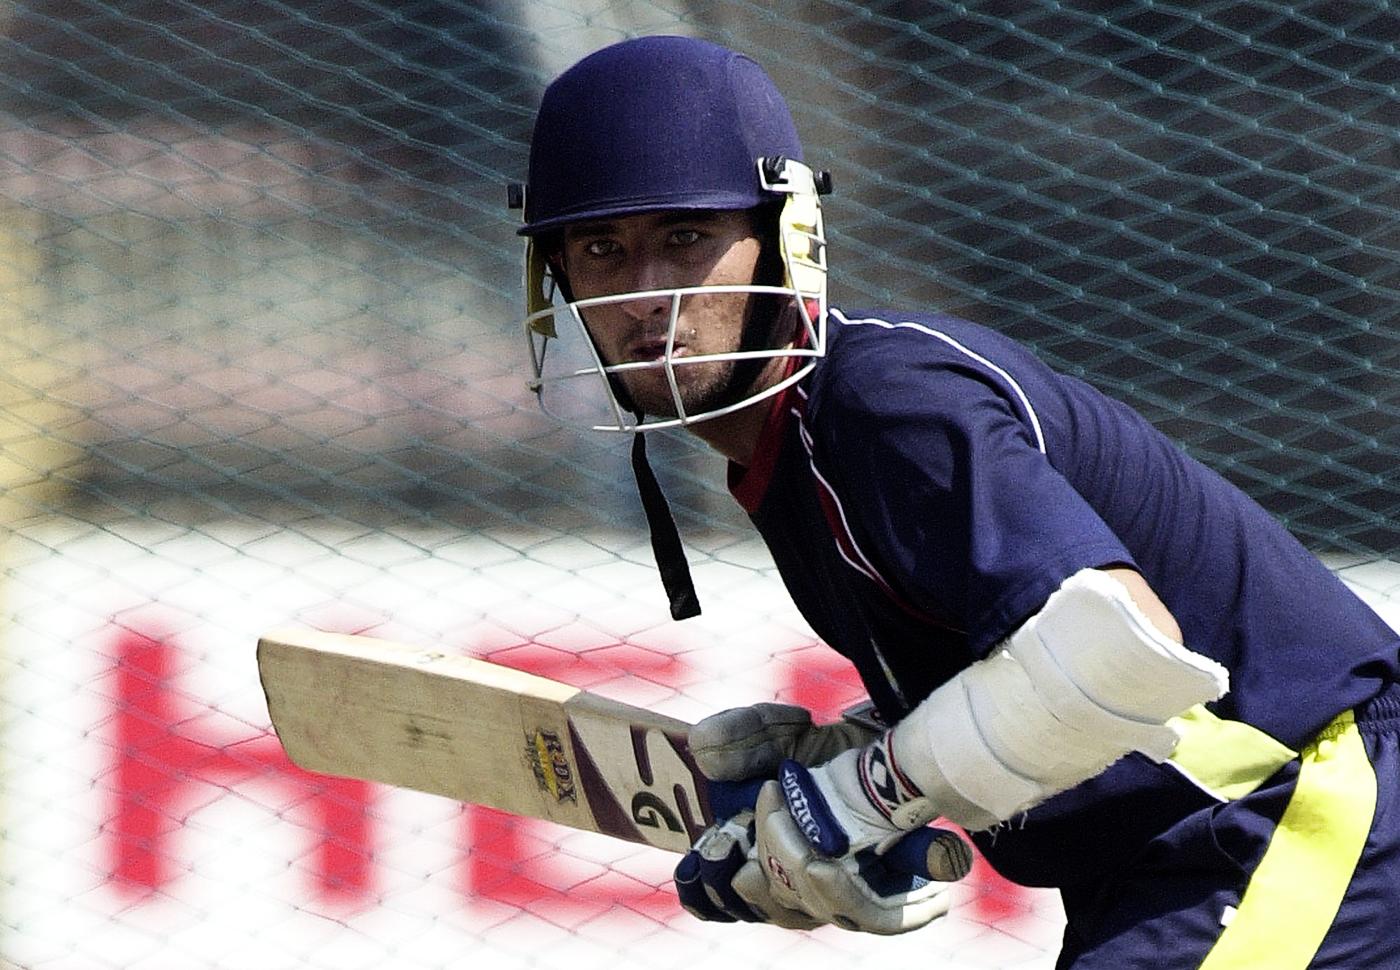 5 मौजूदा भारतीय खिलाड़ी जो अंडर-19 विश्व कप की वजह से चमके, आज हैं बड़े नाम 1